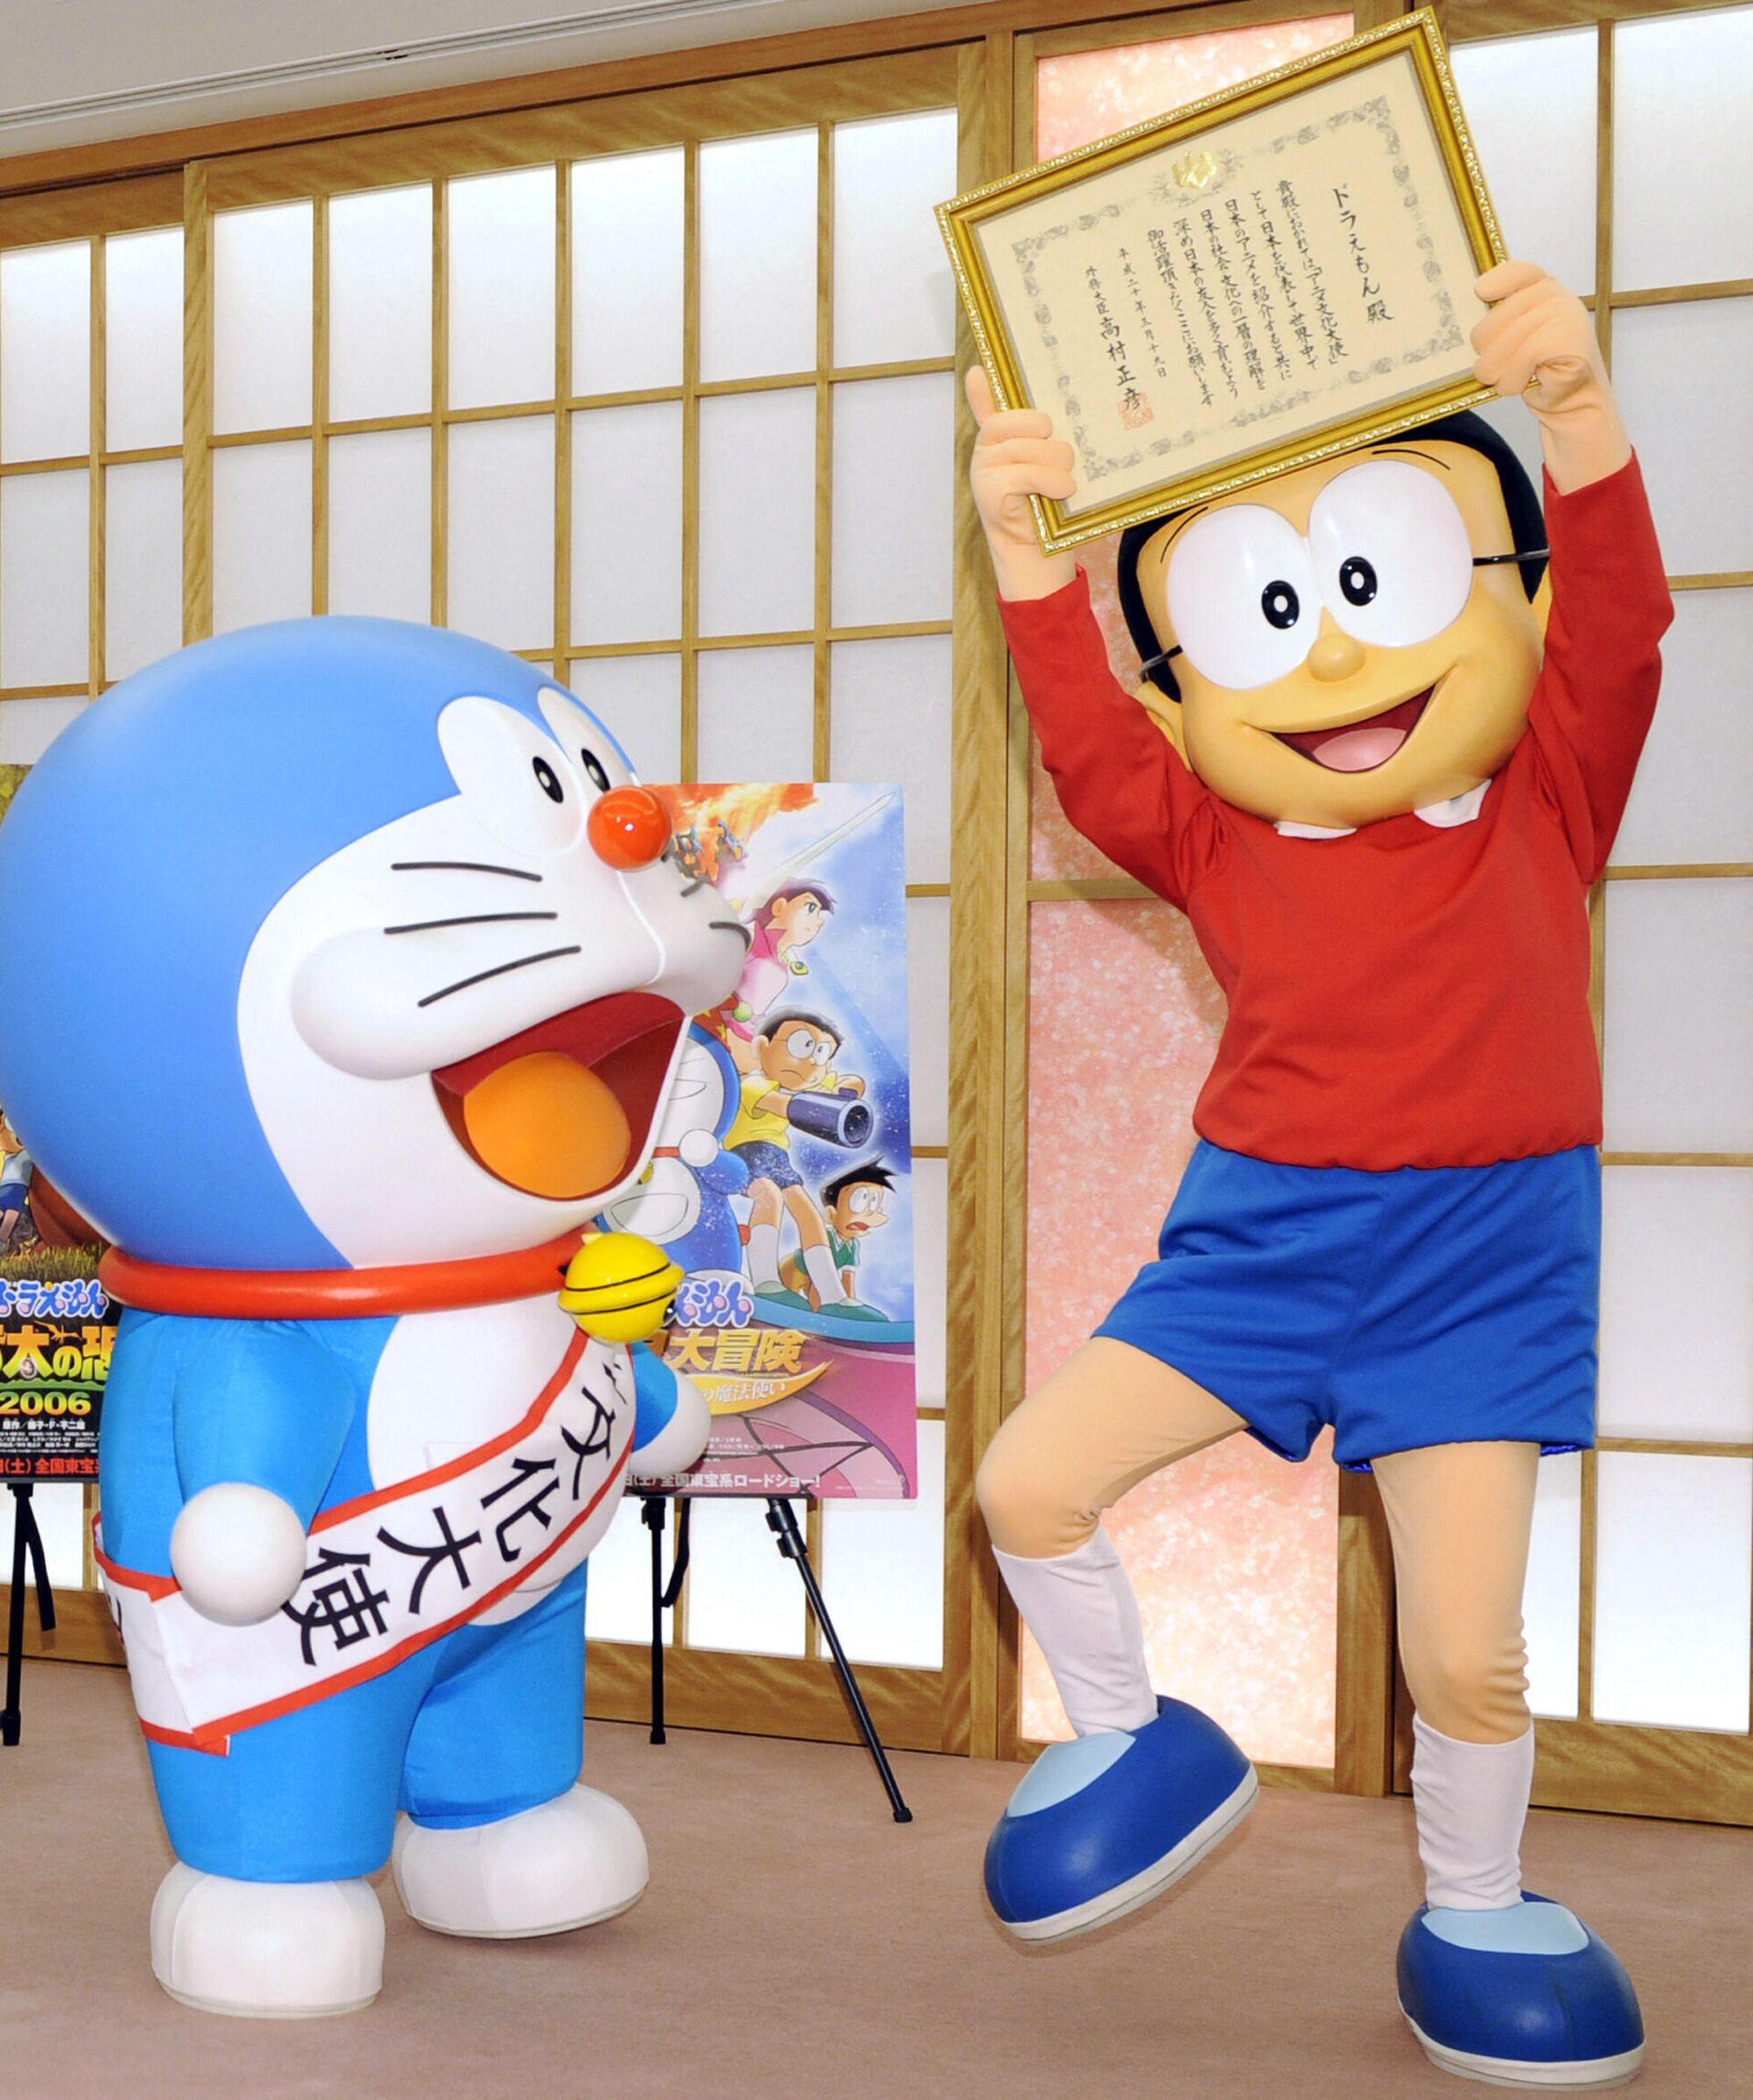 Doraemon y Nobita, personajes del dibujo animado Doraemon, celebran su nombramiento como promotores de la cultura japonesa a través de la animación - Sputnik Mundo, 1920, 14.07.2021